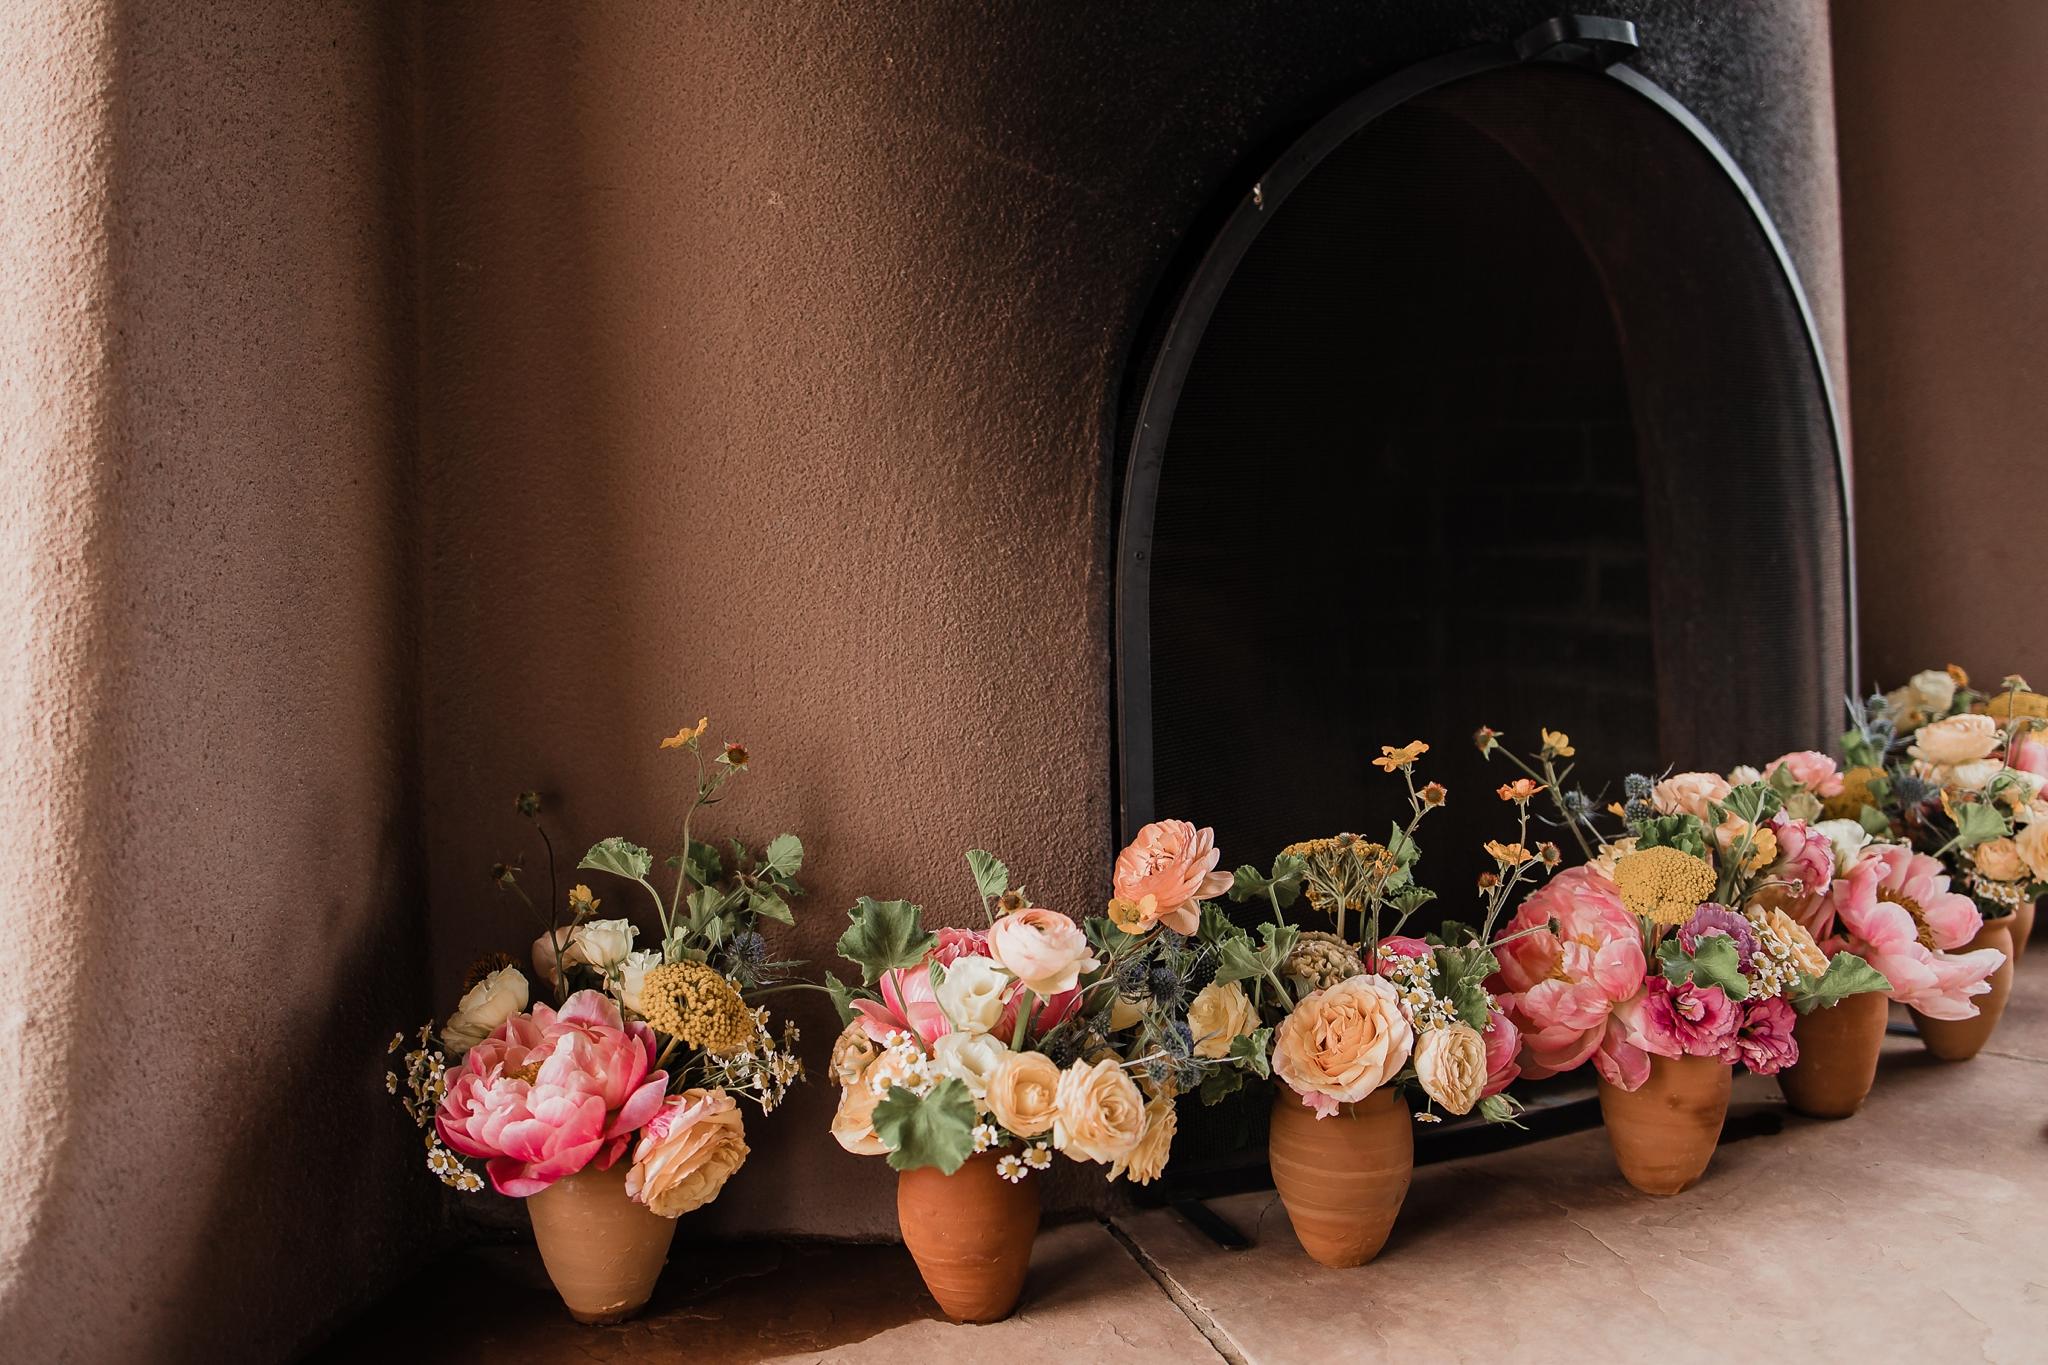 Alicia+lucia+photography+-+albuquerque+wedding+photographer+-+santa+fe+wedding+photography+-+new+mexico+wedding+photographer+-+new+mexico+wedding+-+las+campanas+wedding+-+santa+fe+wedding+-+maximalist+wedding+-+destination+wedding_0121.jpg